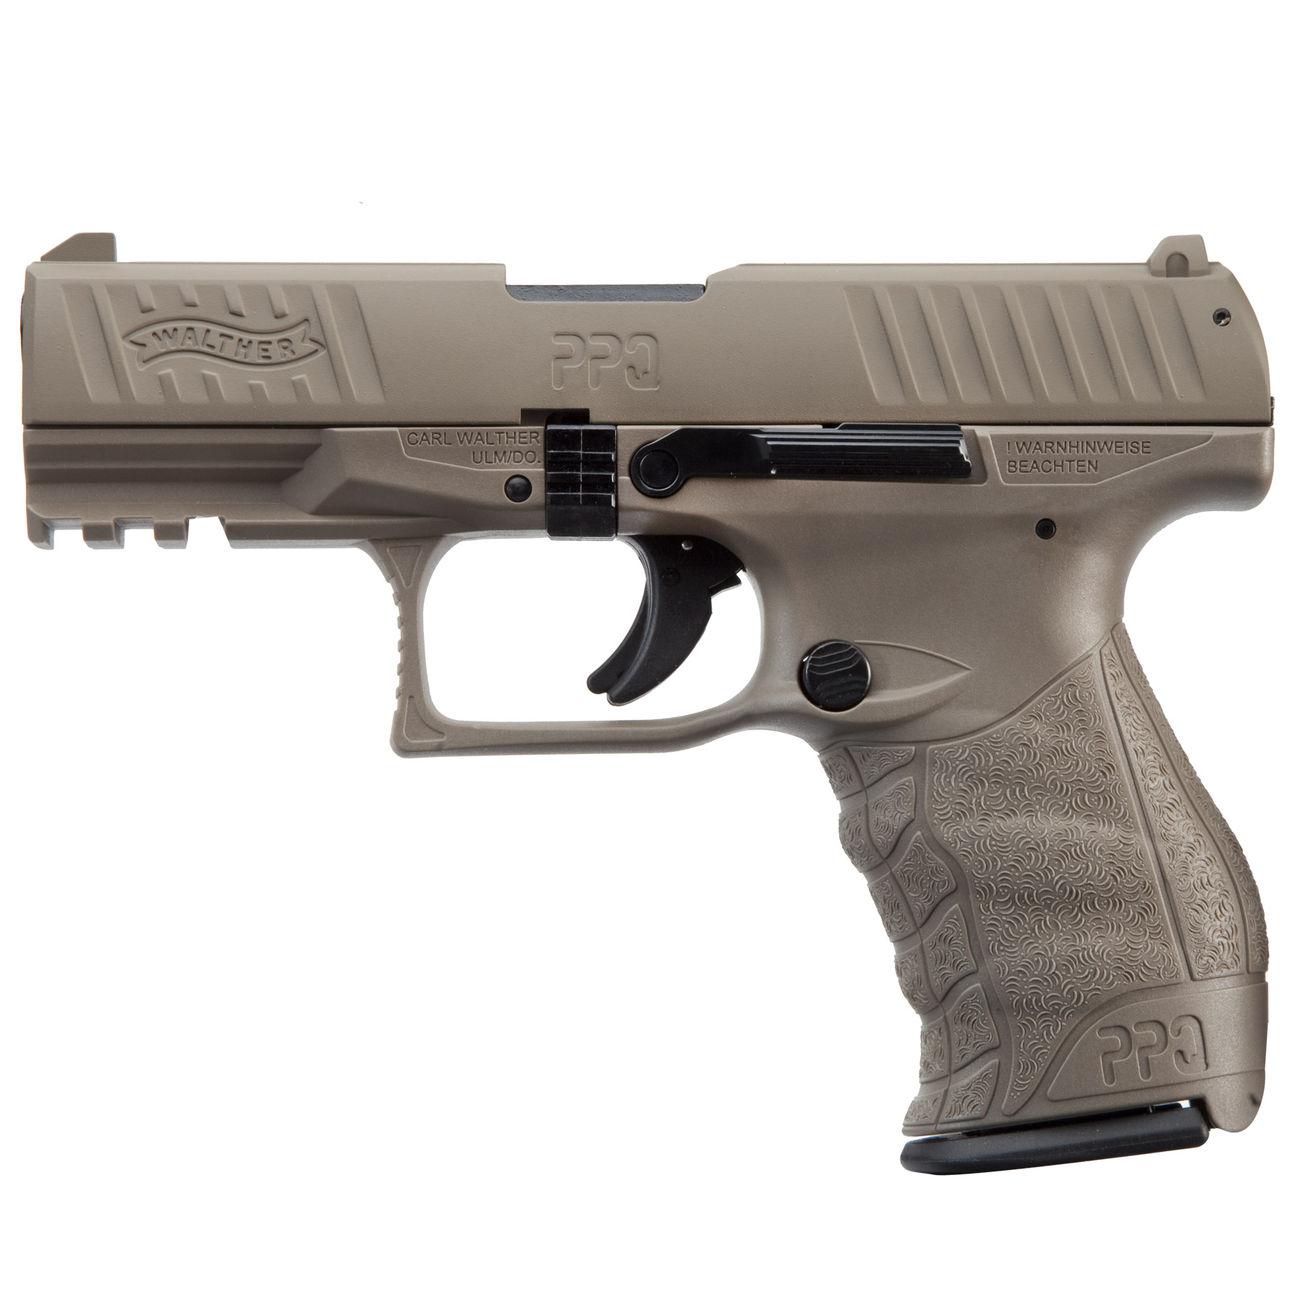 M2 Alle Farben PPQ M1 P99 FAB Defense Doppel Magazin Tasche Für Walther P88